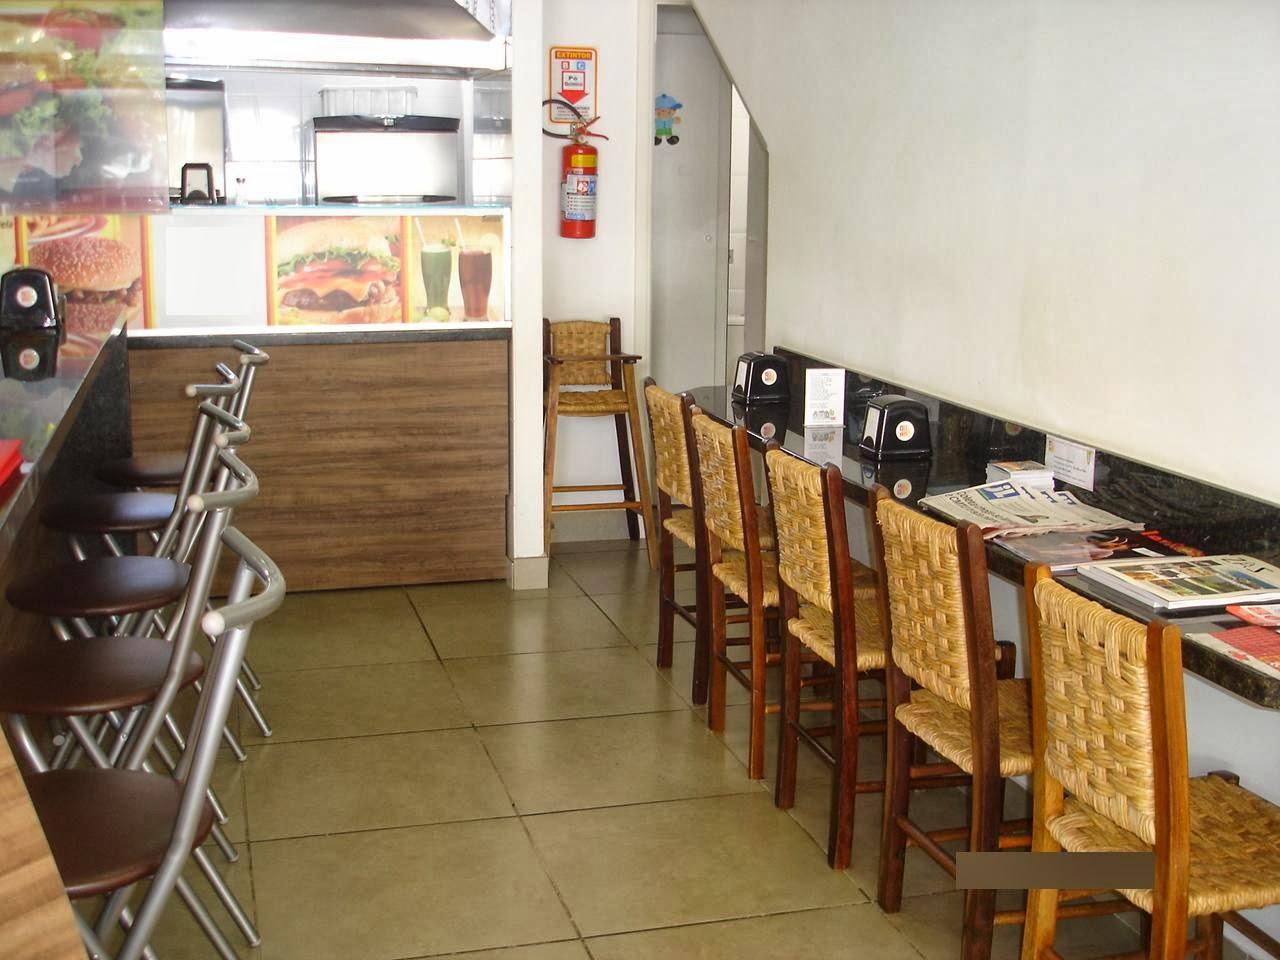 Vendo Lanchonete / Restaurante em Londrina/PR Vendo Lanchonete em  #A82C23 1280x960